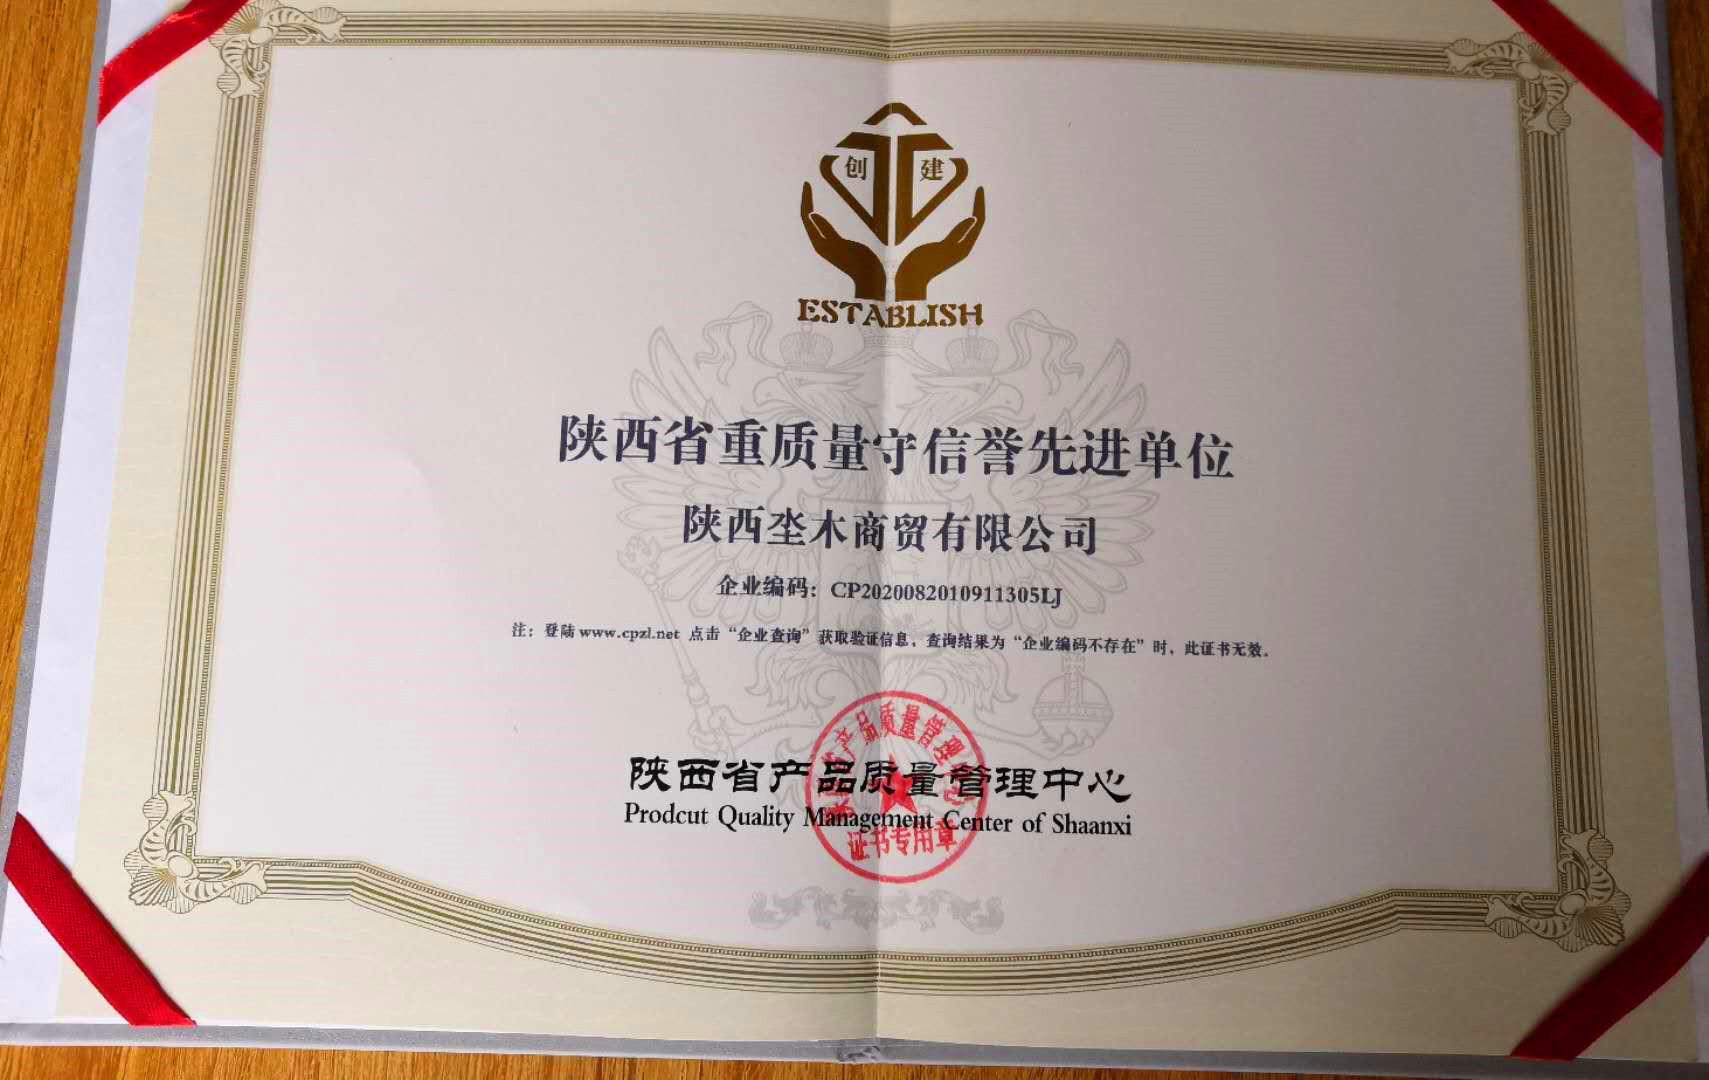 陕西坔木商贸有限公司——陕西省重质量守信誉先进单位